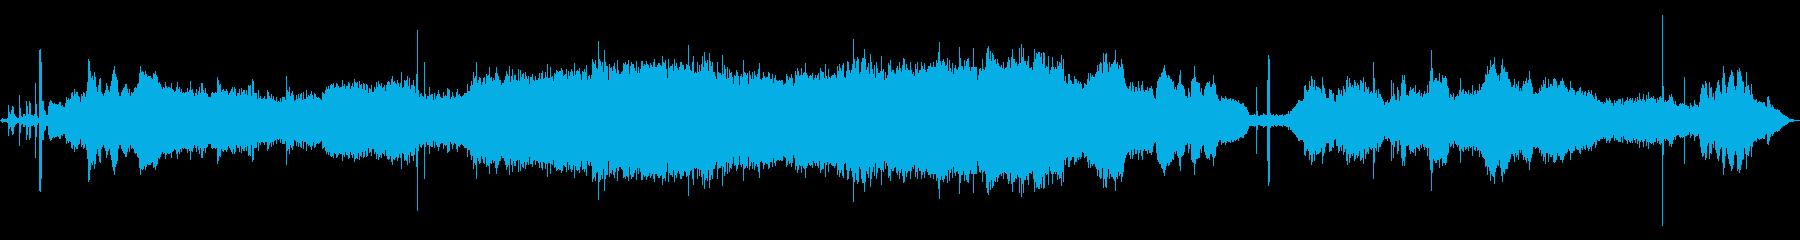 電気自動車:Int:スタート、中高...の再生済みの波形